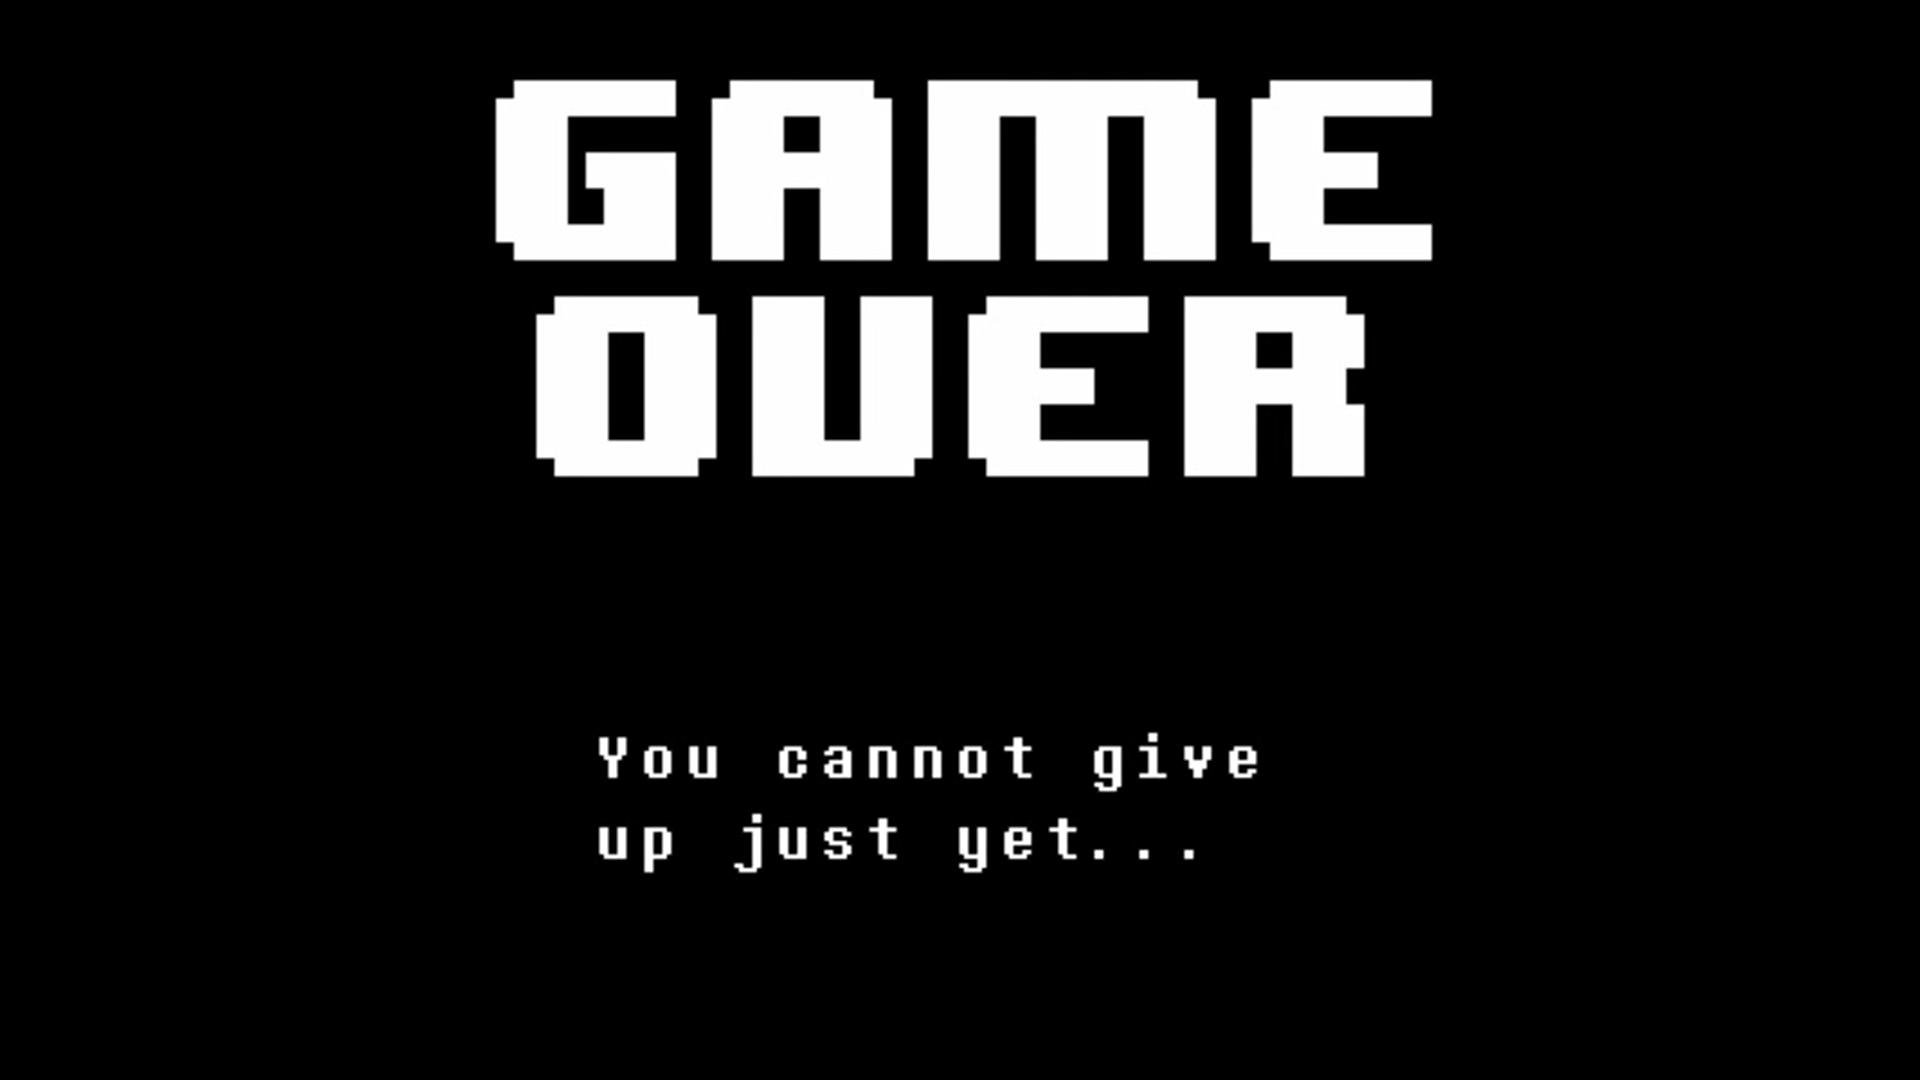 Game Over de Undertale com a tela preta e escrito em branco: Game Over. You cannot give up just yet…